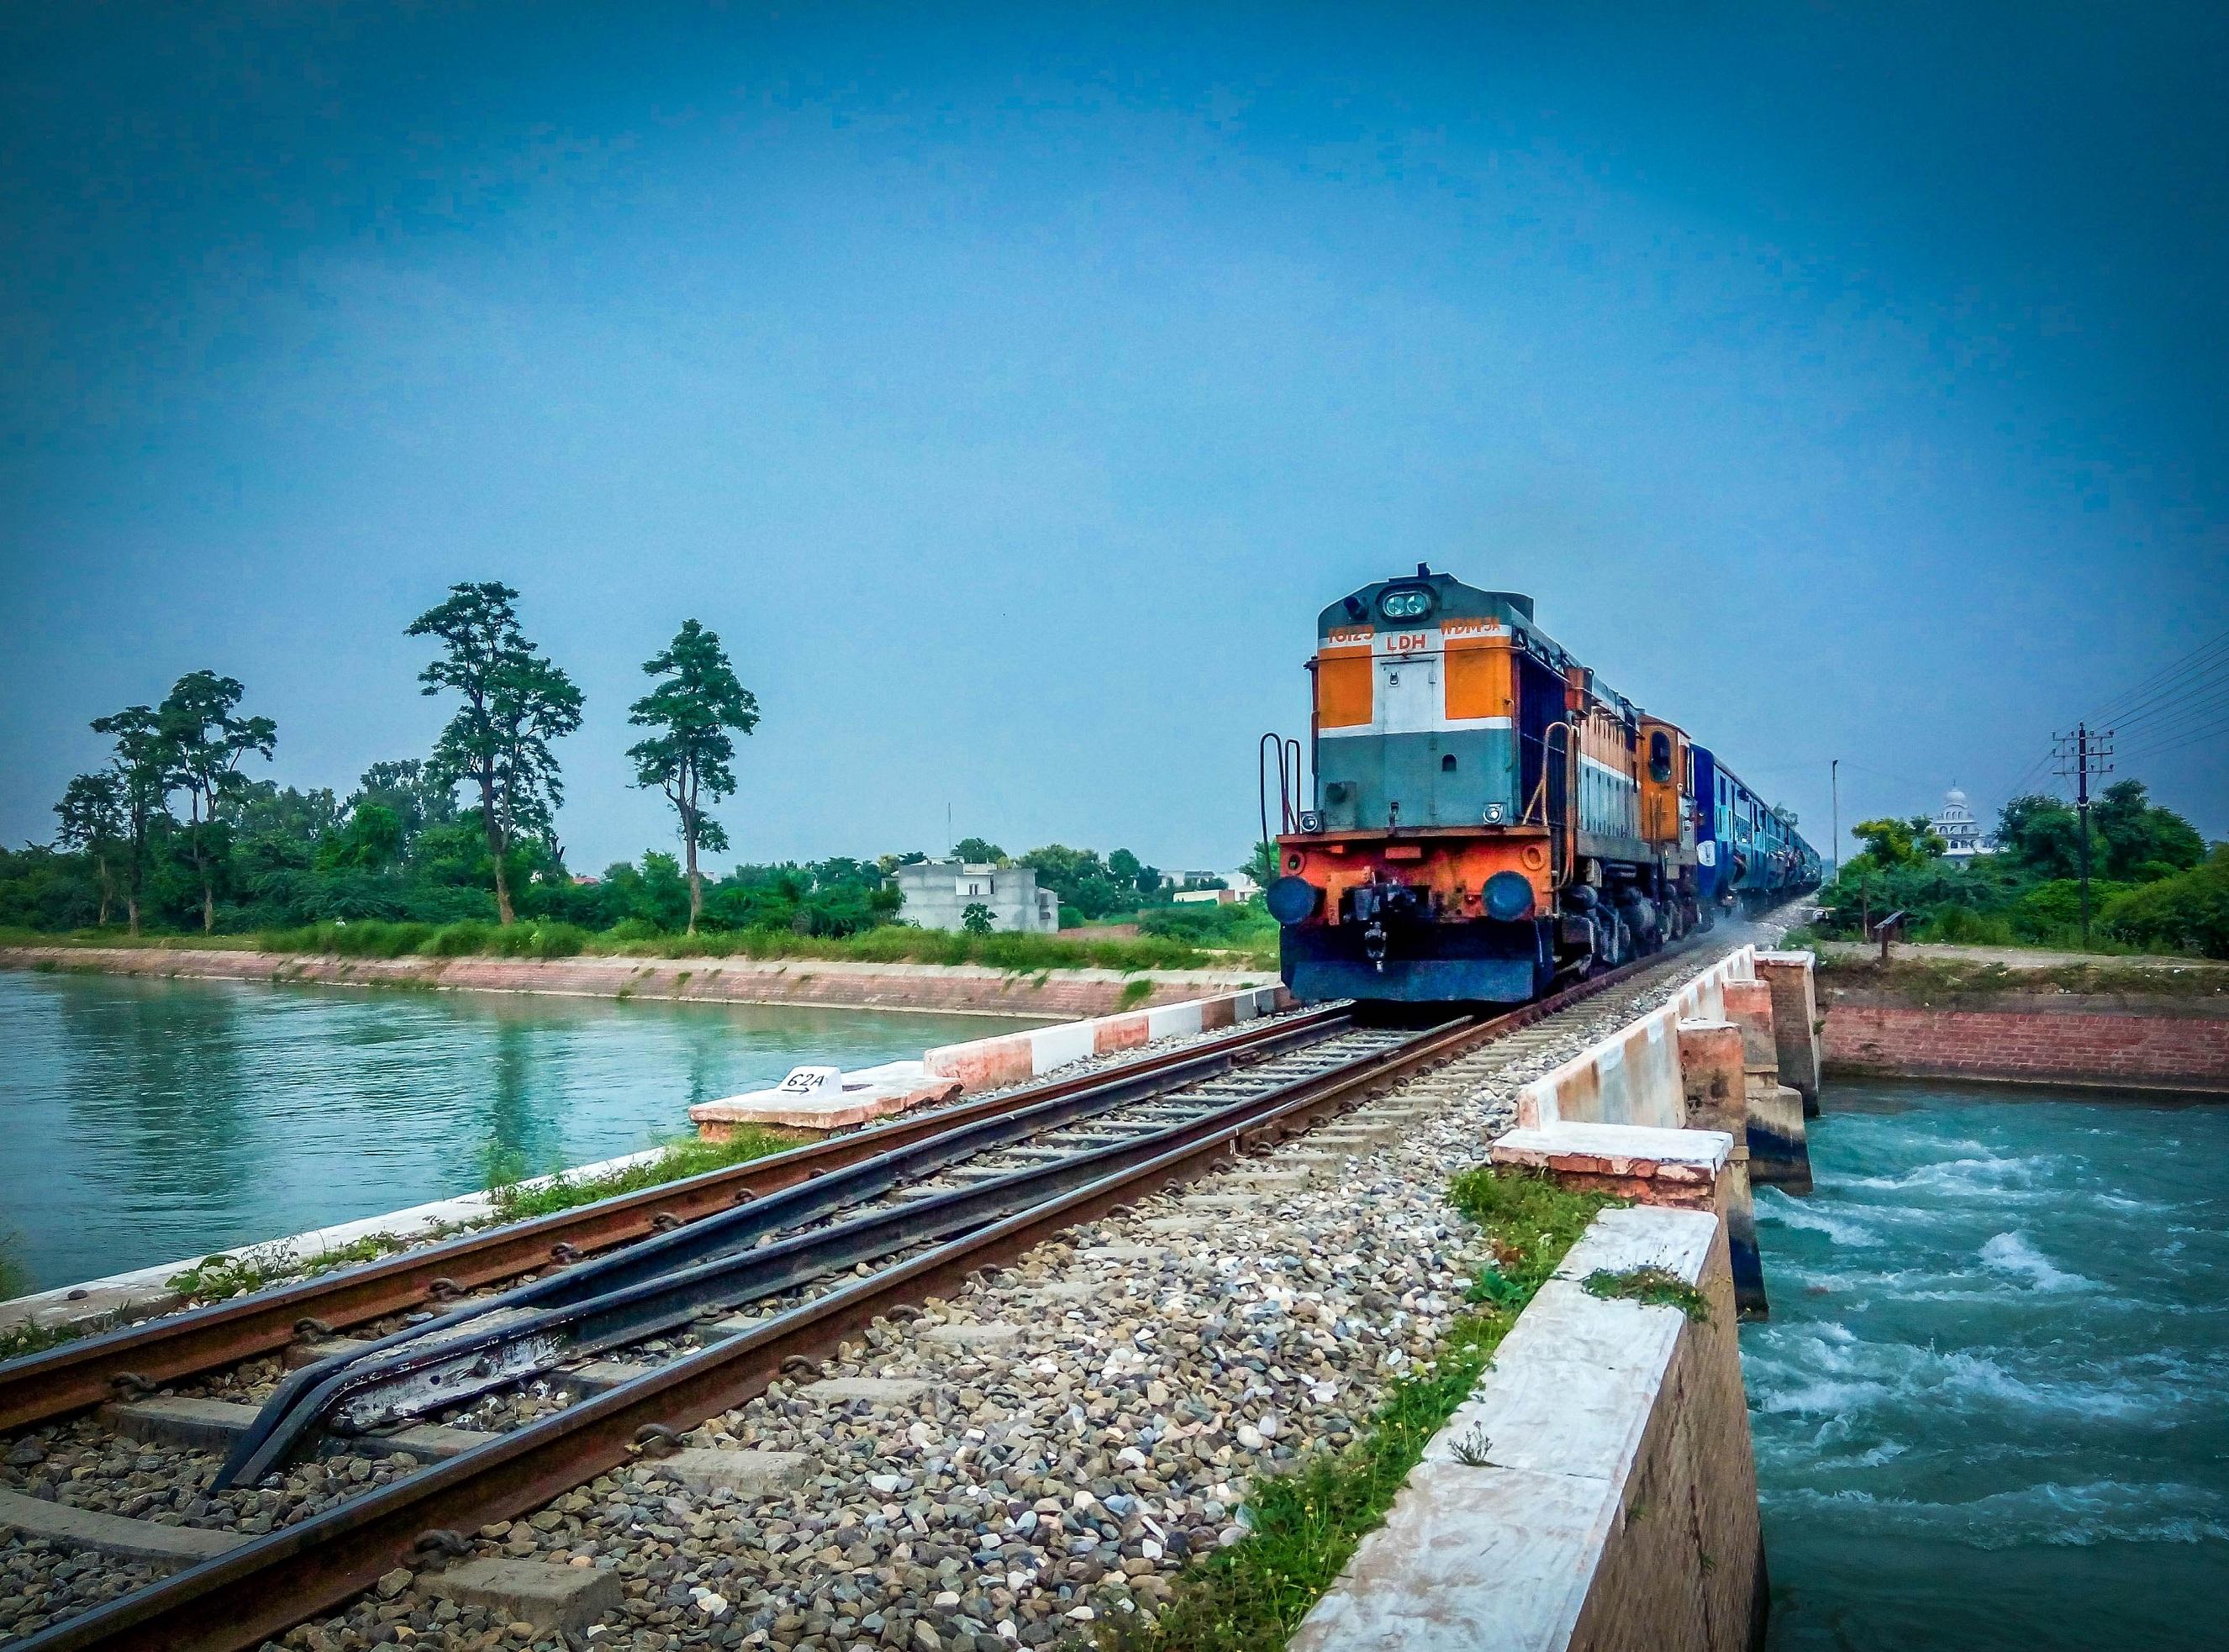 রেলওয়ে গ্রুপ ডি এবং ALP অ্যাপ্লিকেশন স্ট্যাটাস চেক করুন 2018